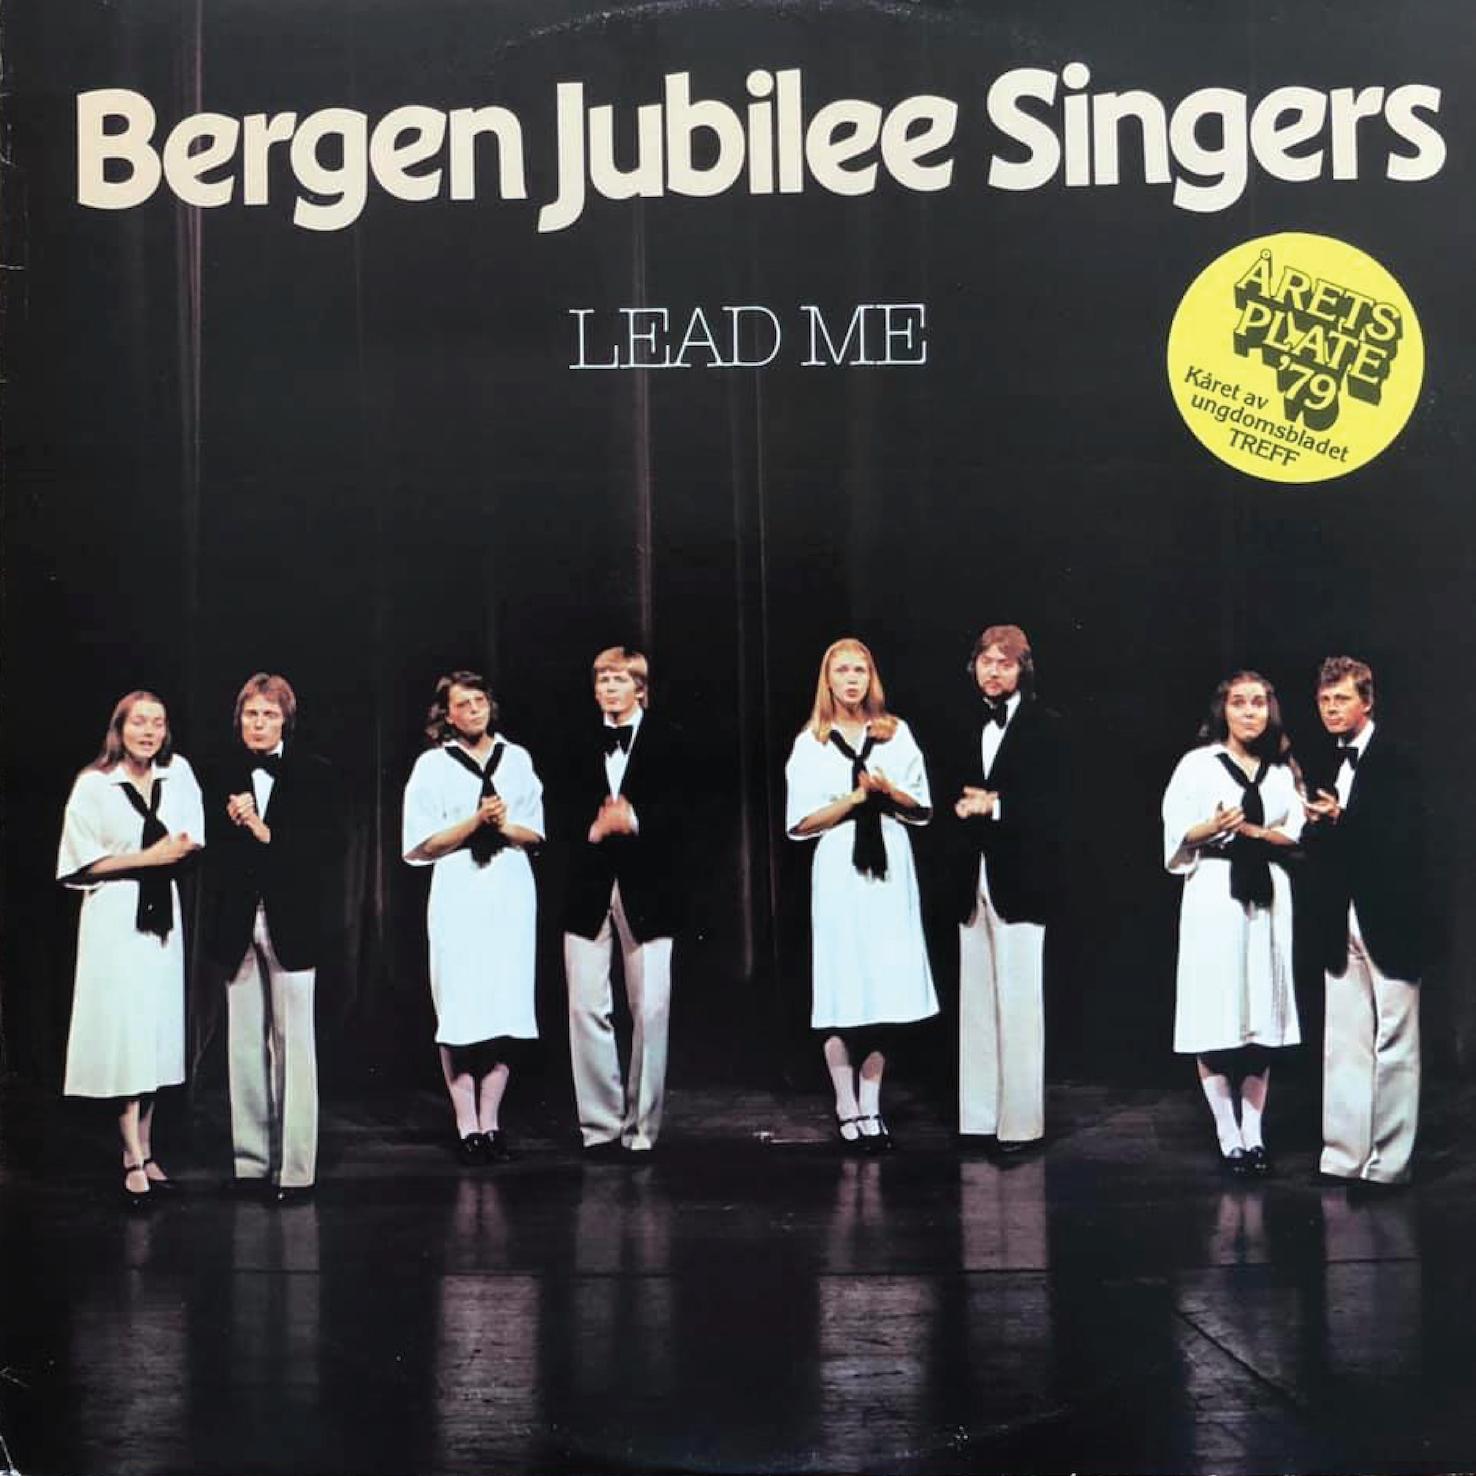 Bergen Jubilee Singers